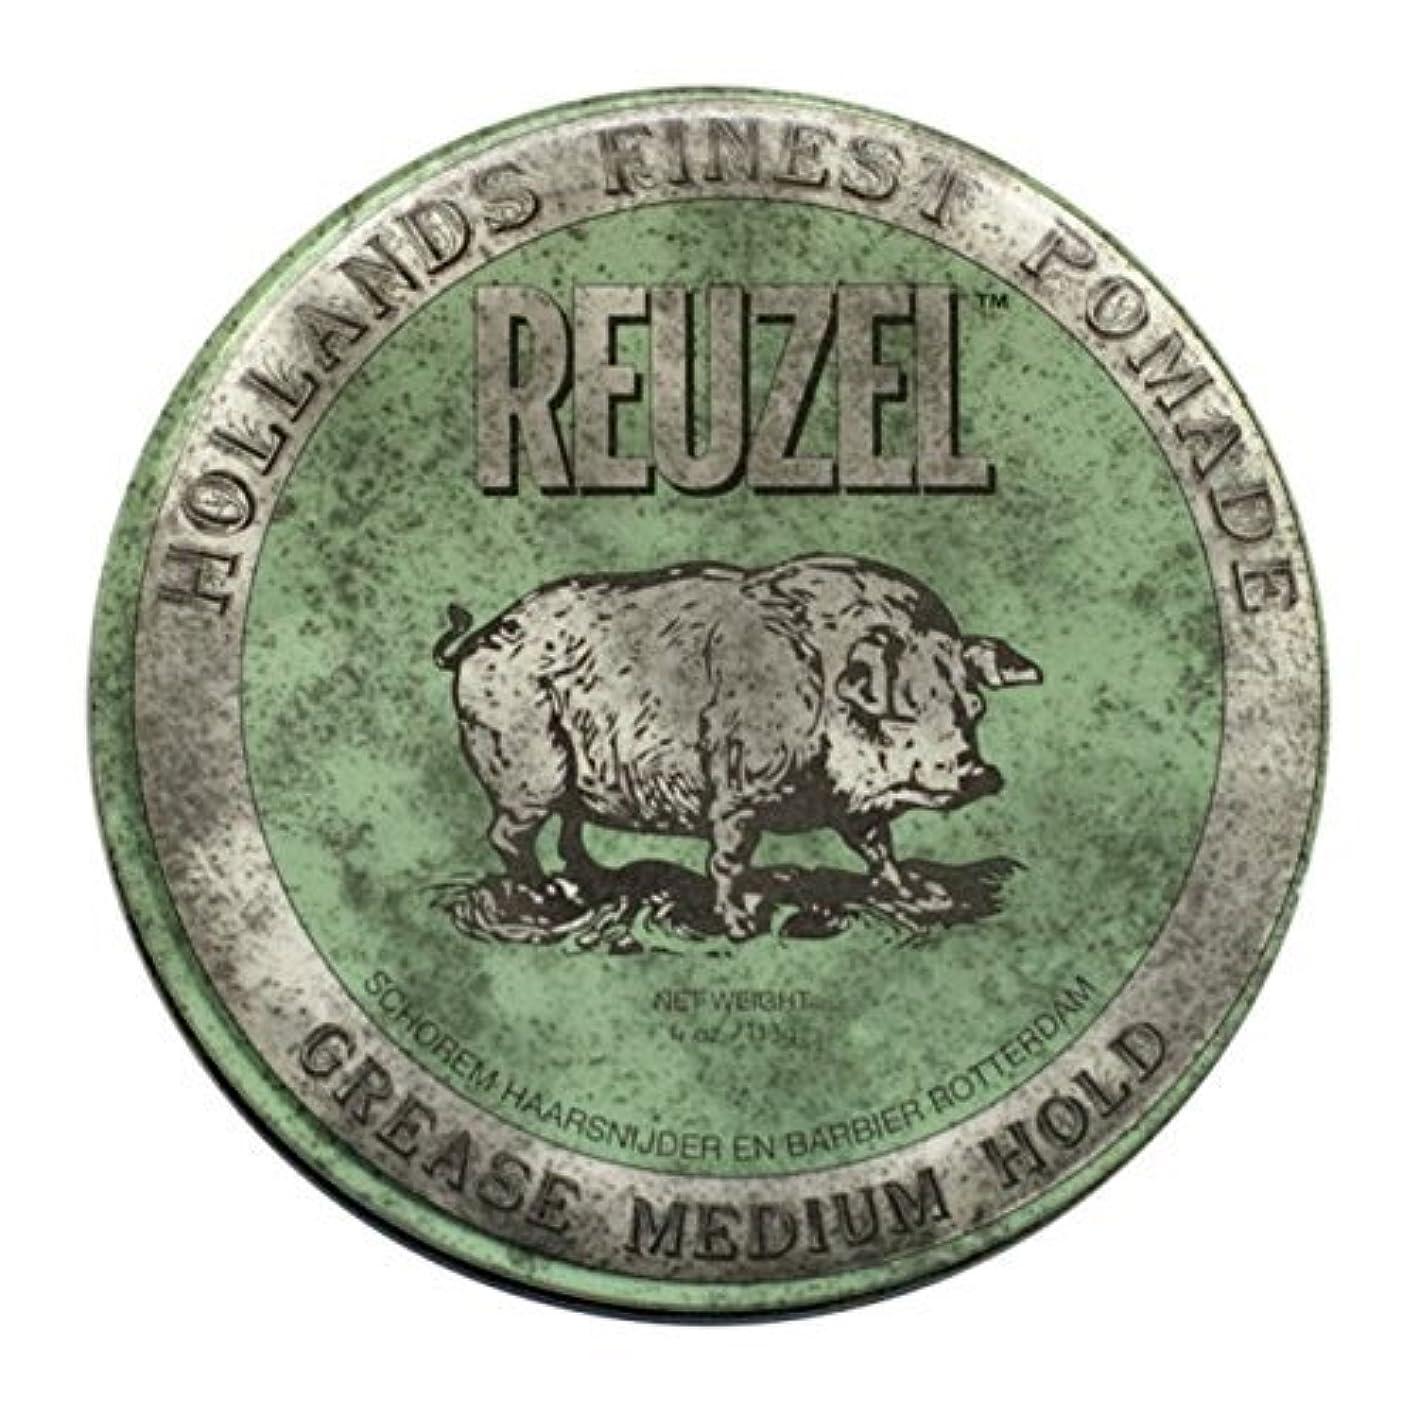 ディーラー排泄物省略Reuzel Green Grease Medium Hold Hair Styling Pomade Piglet 1.3oz (35g) Wax/Gel by Reuzel